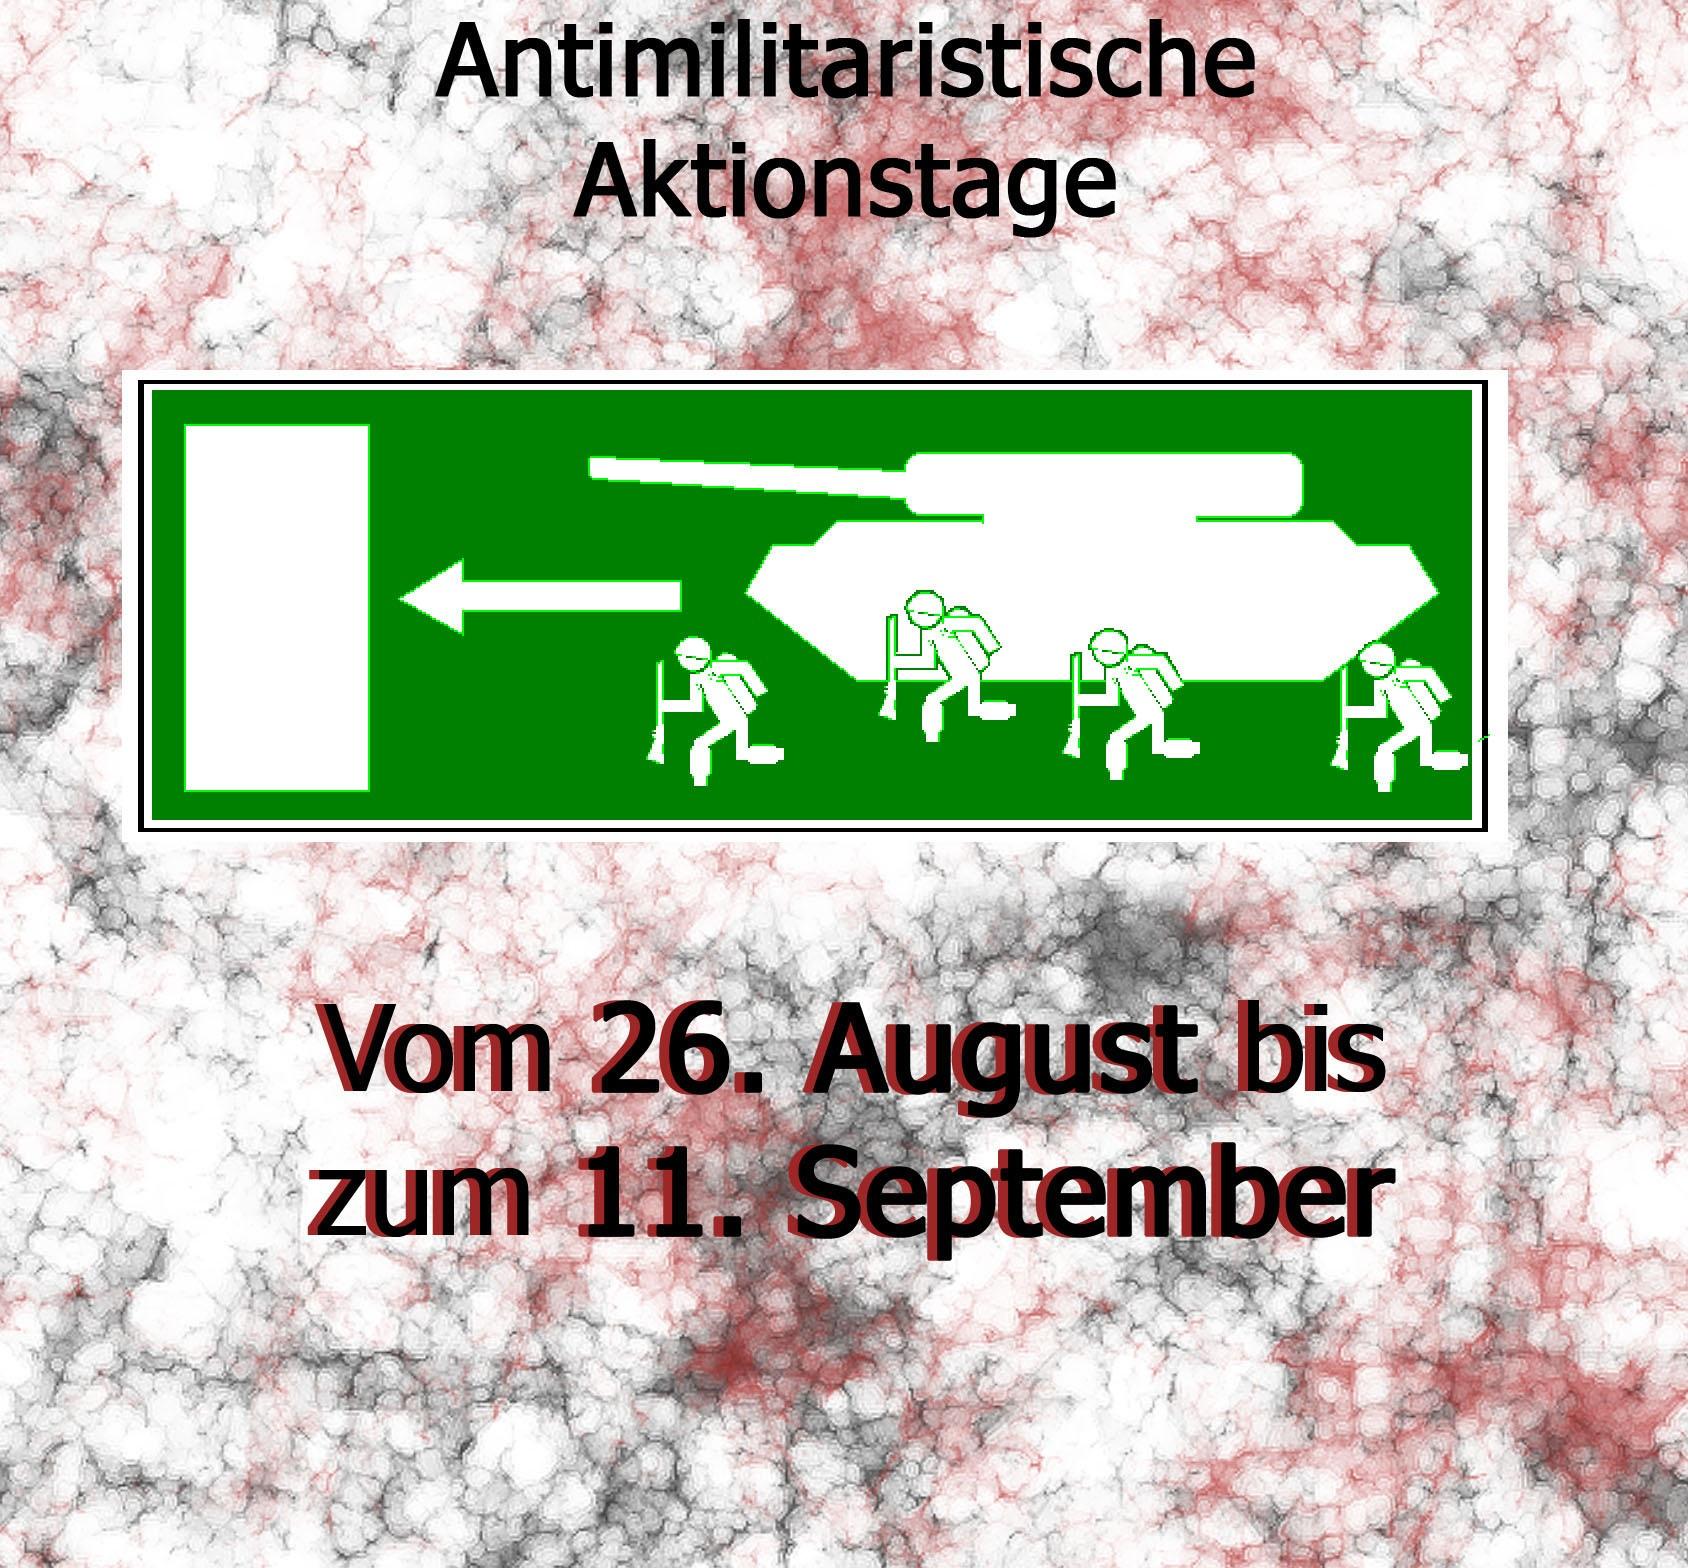 Wuppertal: Antimilitaristische Aktionstage gegen Krieg und Faschismus